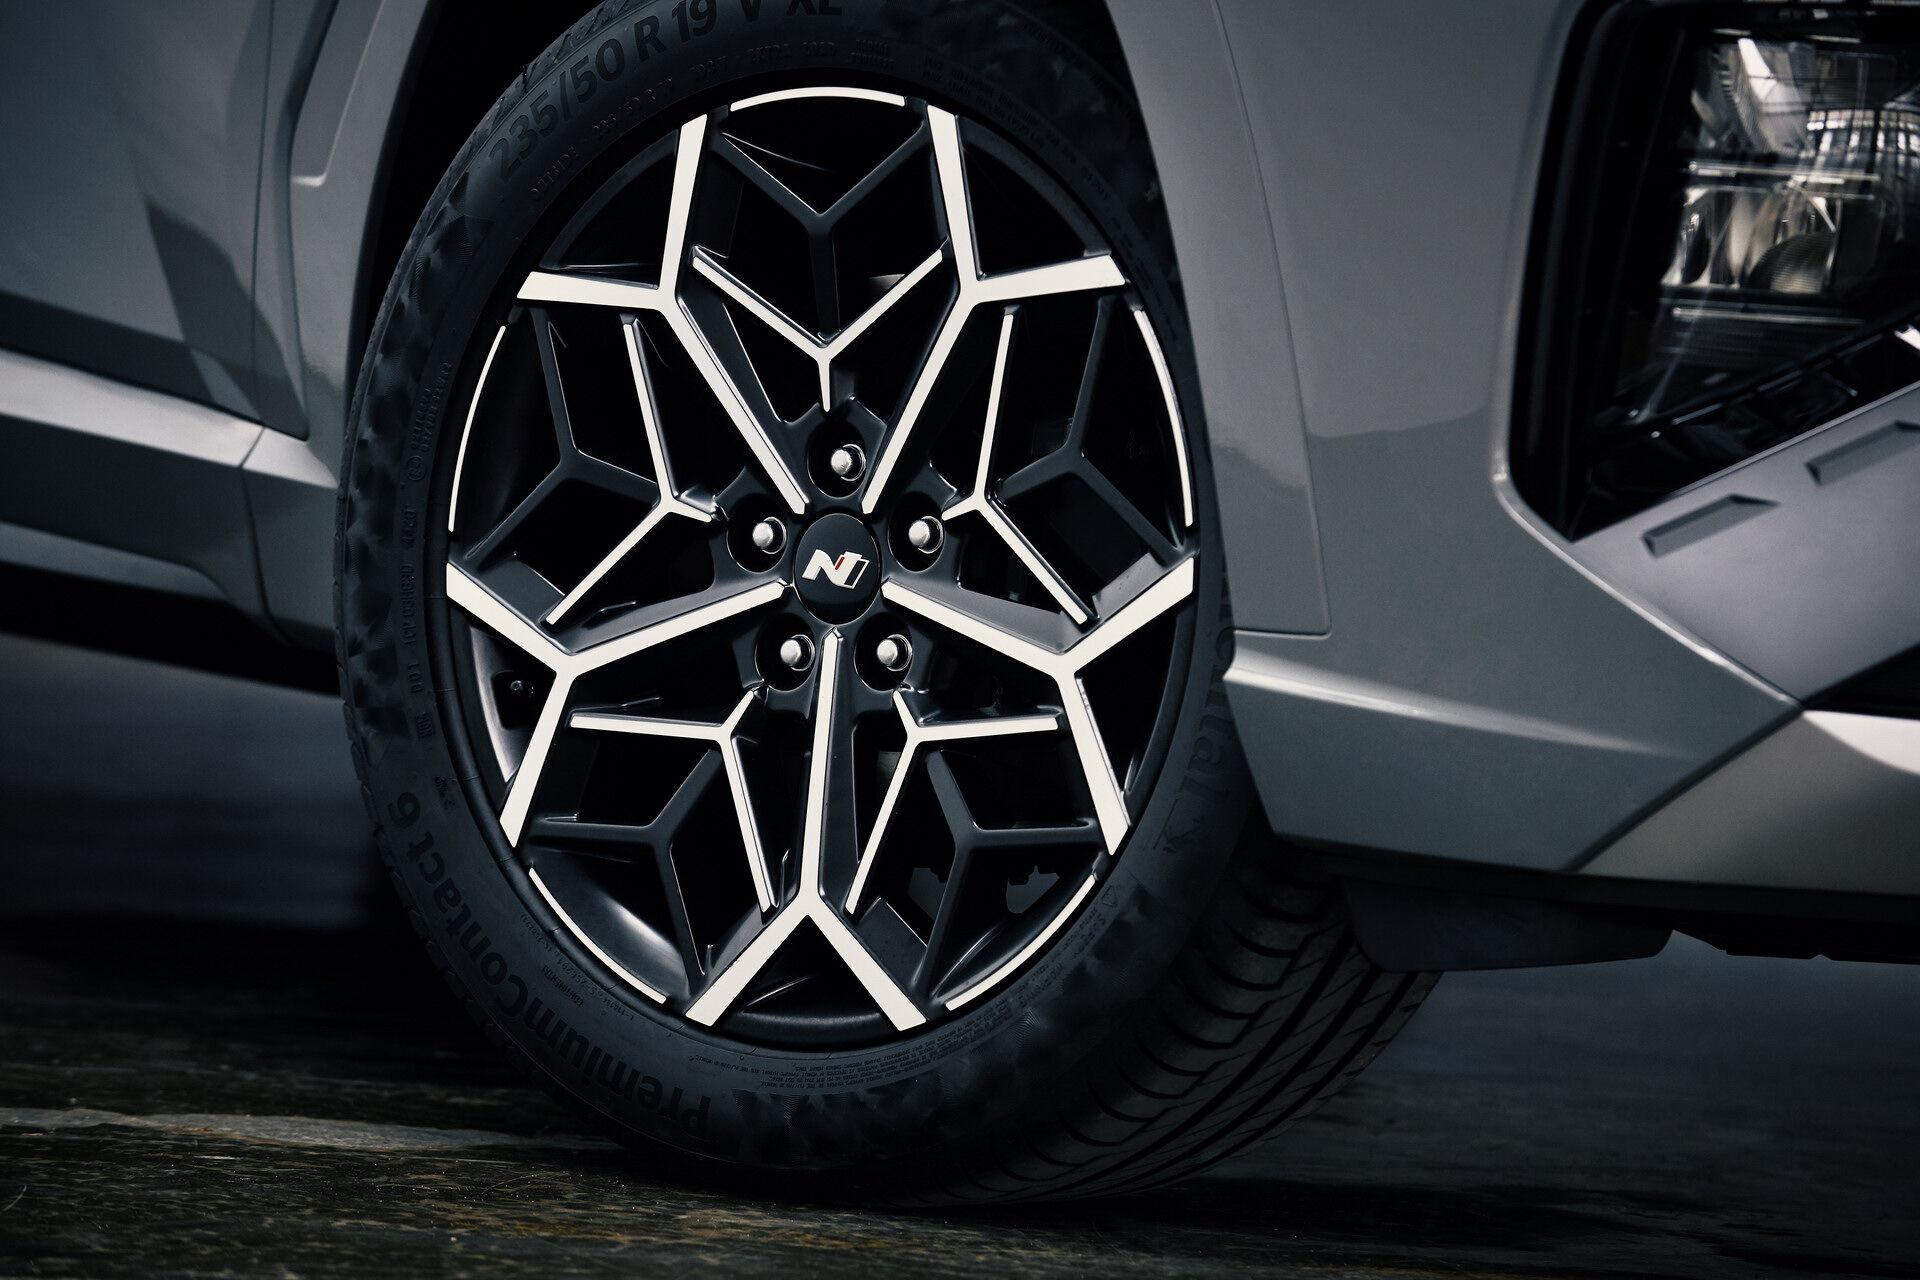 Особый шарм машине придают стильные 19-дюймовые диски оригинального дизайна